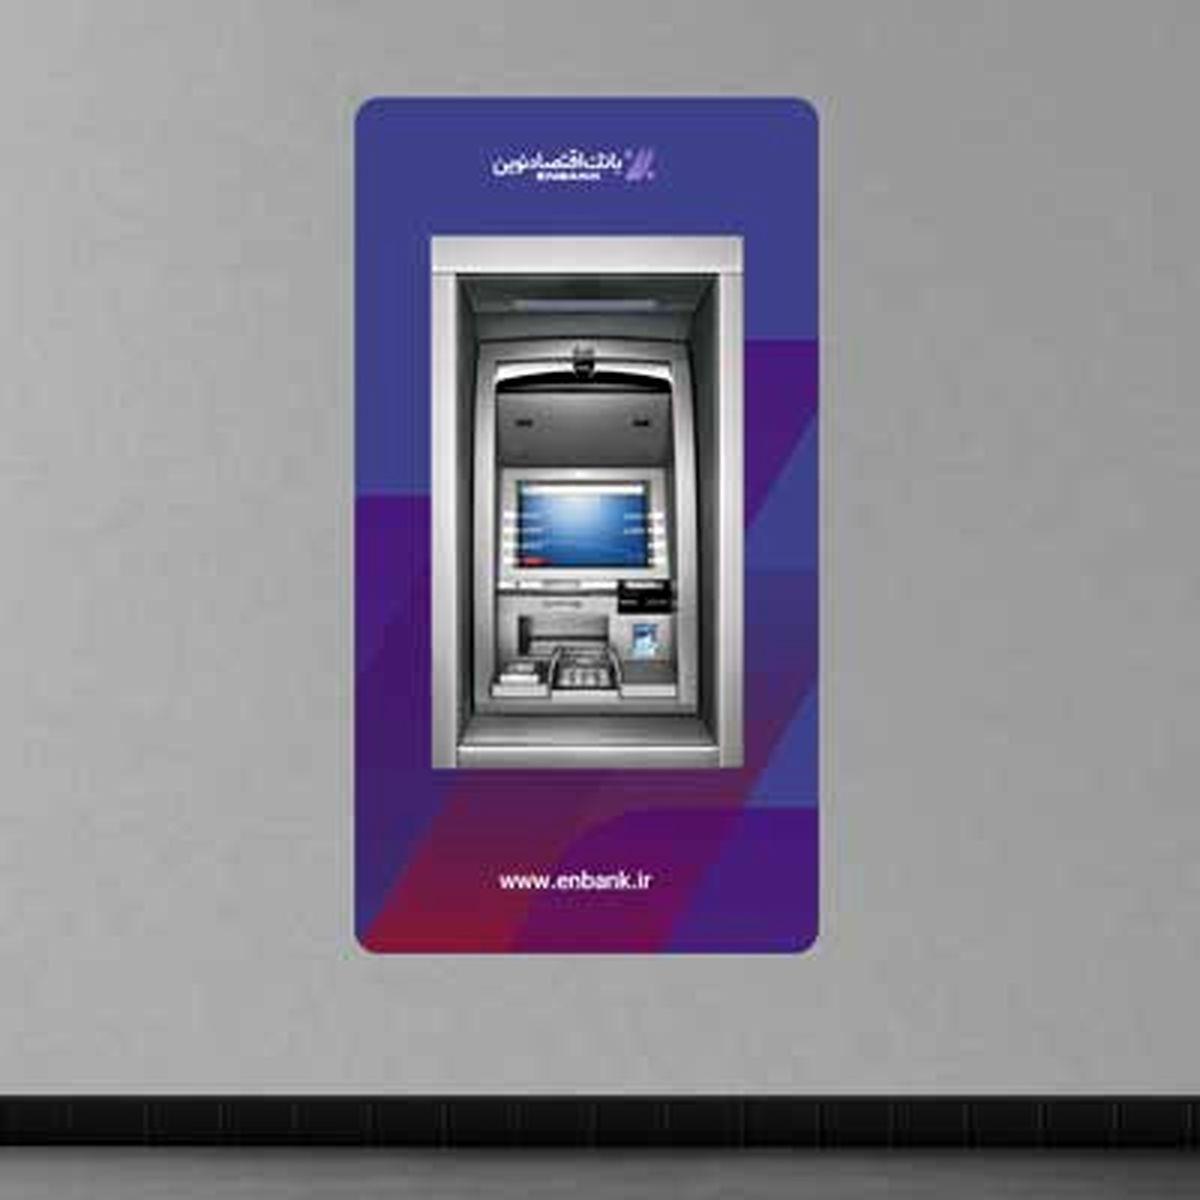 بانک اقتصادنوین 20 دستگاه خوددریافت در شعب منتخب راهاندازی کرد